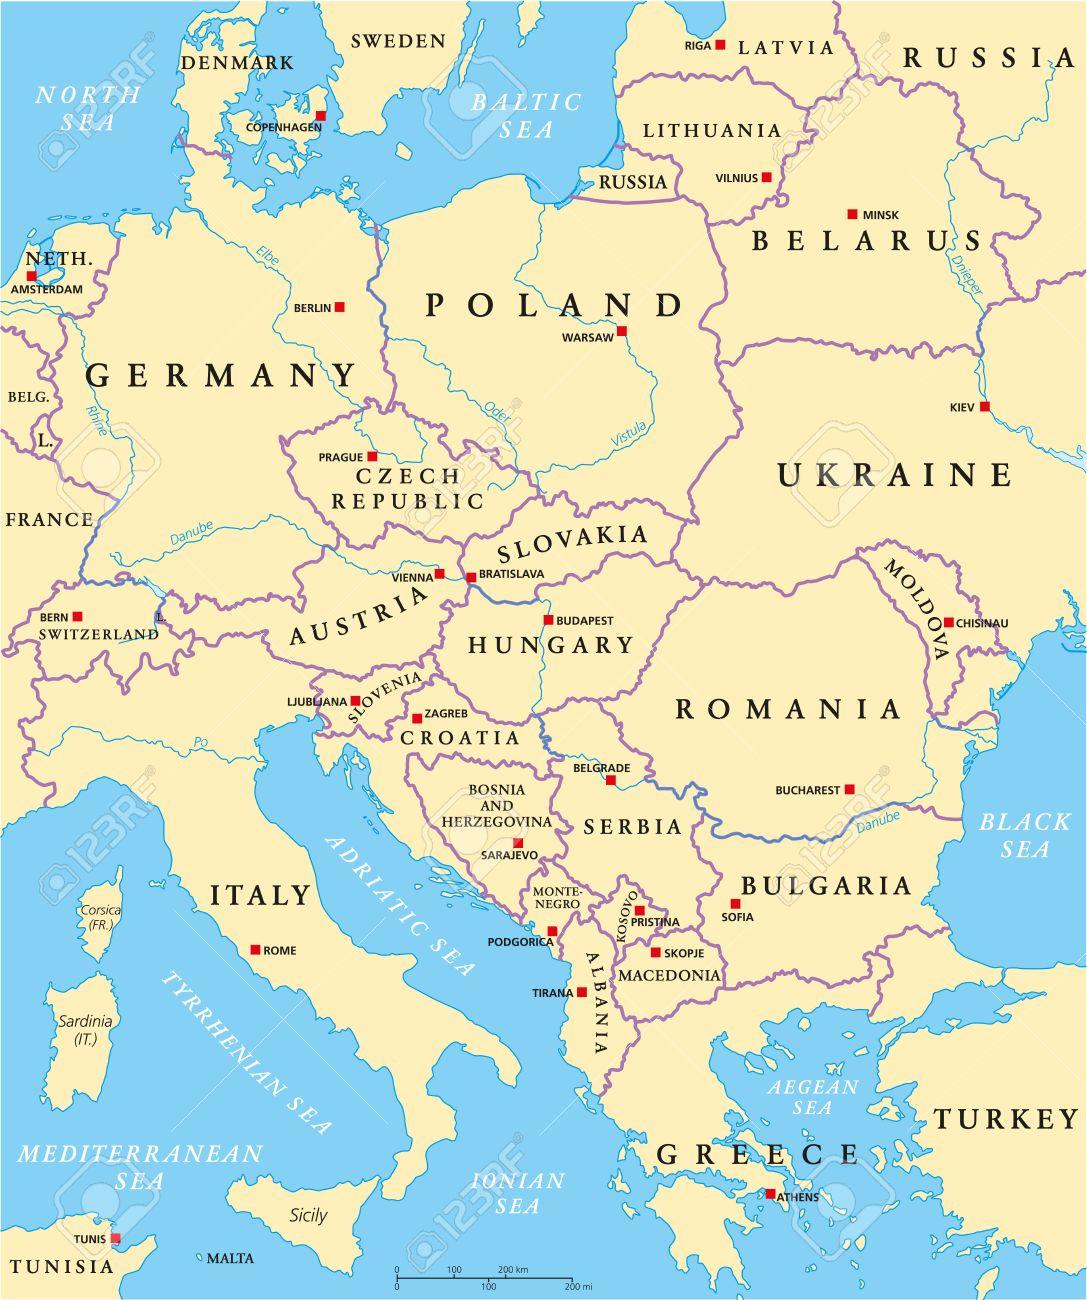 Europe Centrale Carte Politique Avec Les Capitales, Les Frontières  Nationales, Les Rivières Et Les Lacs. Étiquetage Anglais Et Mise À  L'échelle. intérieur Europe Carte Capitale